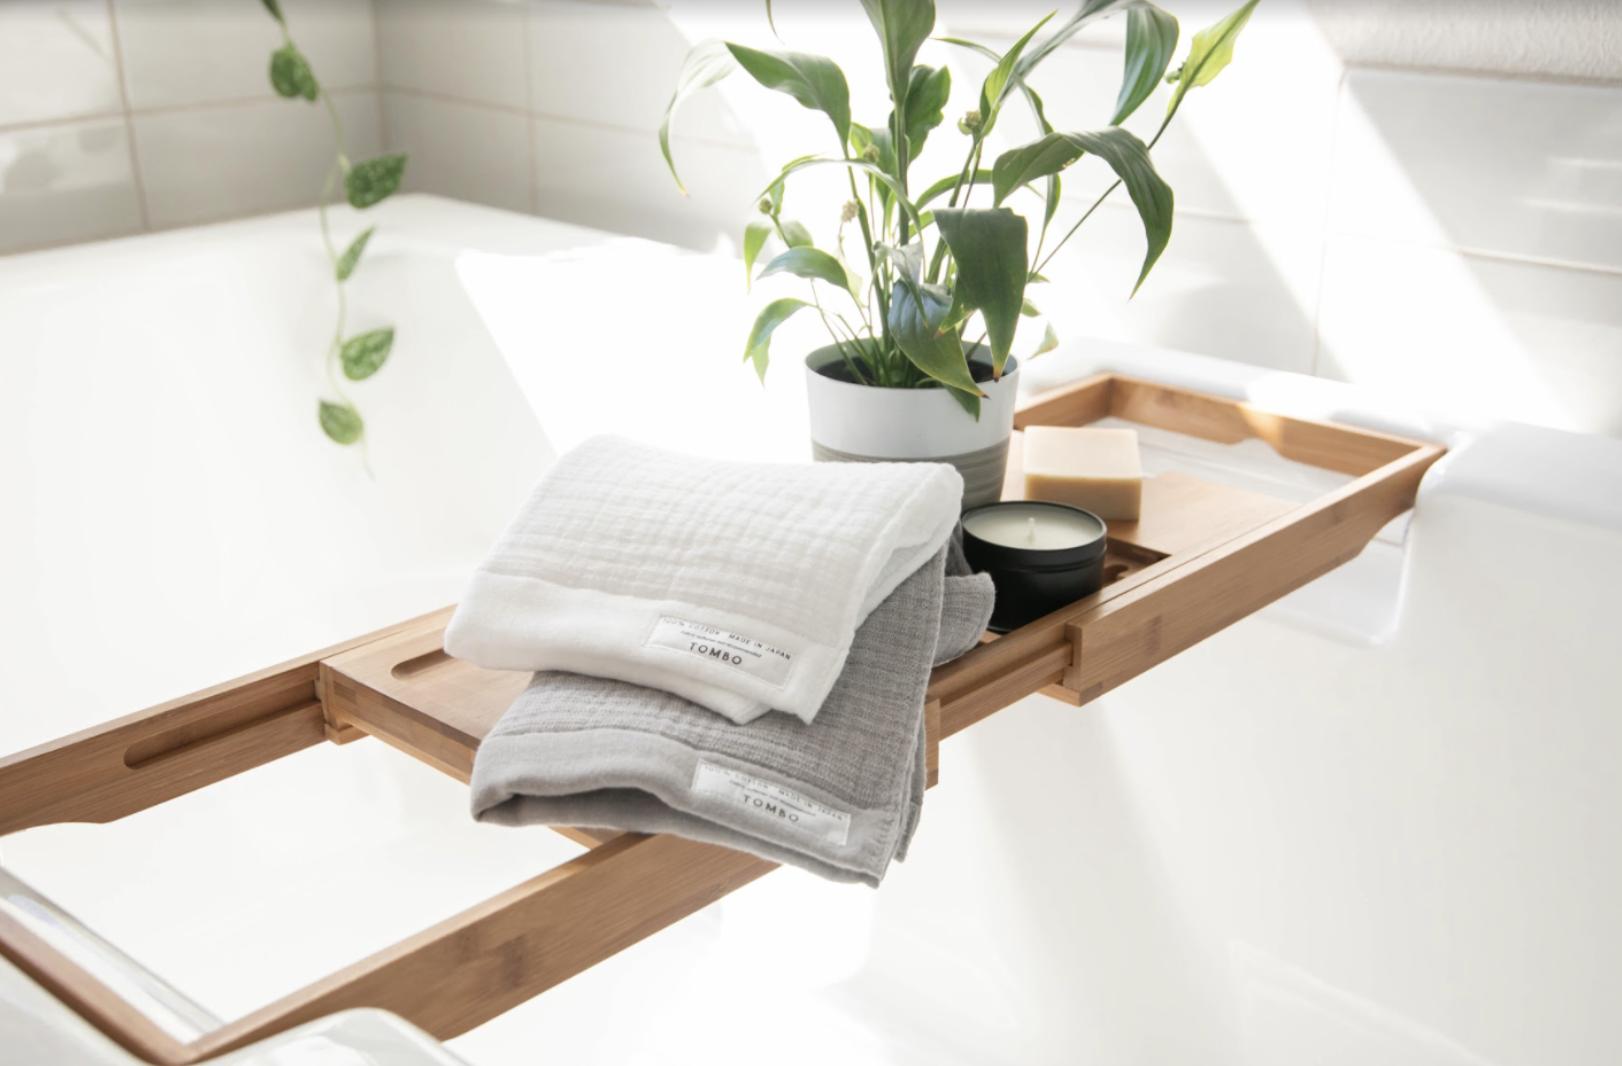 the towel on a bathtub tray